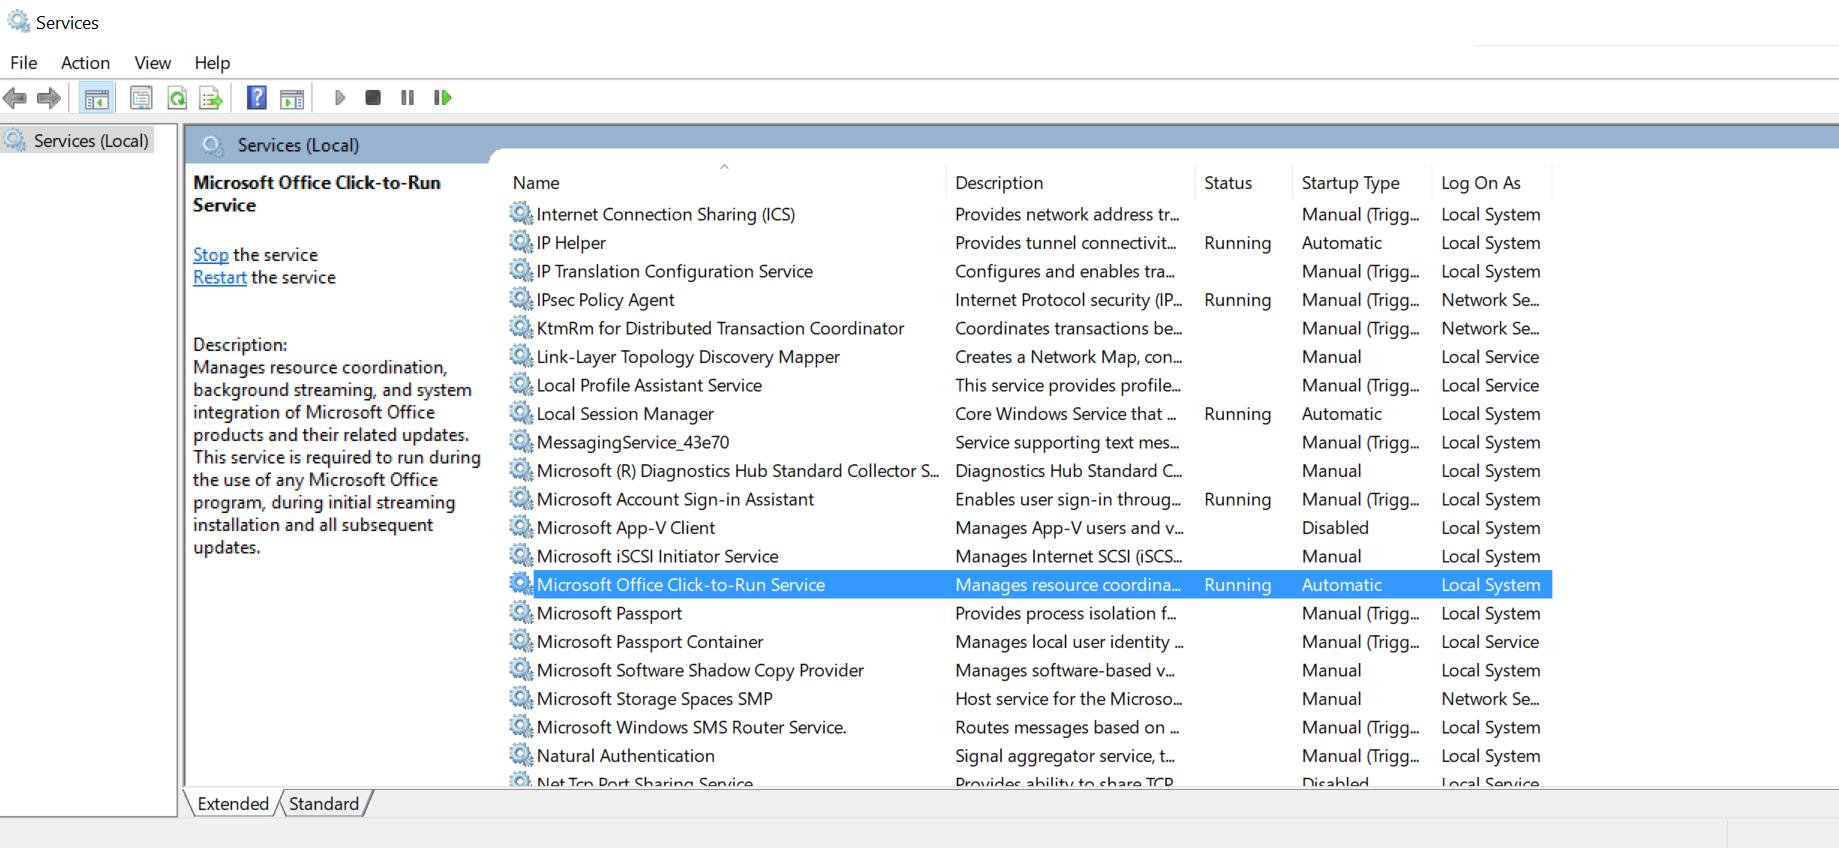 ارور Something Went Wrong Error 1058-13 هنگام نصب مایکروسافت آفیس . آموزشگاه رایگان خوش آموز